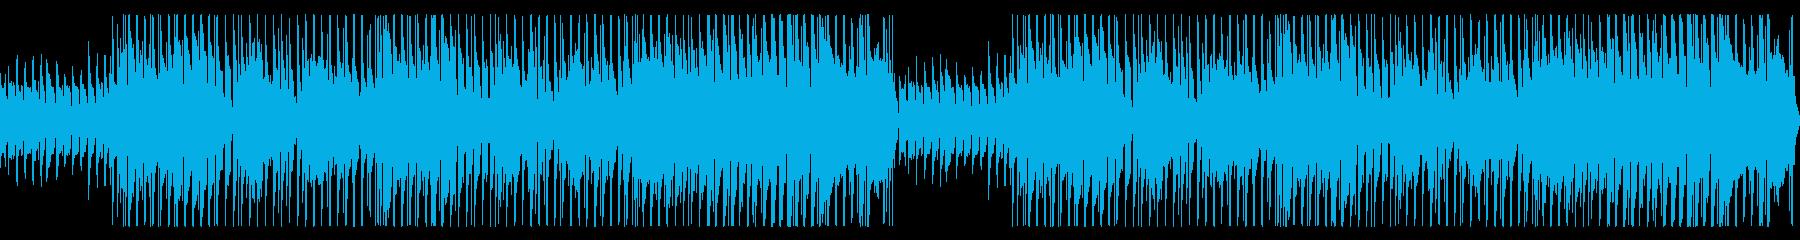 キッズ用04 朗読時の動画 ループ仕様の再生済みの波形